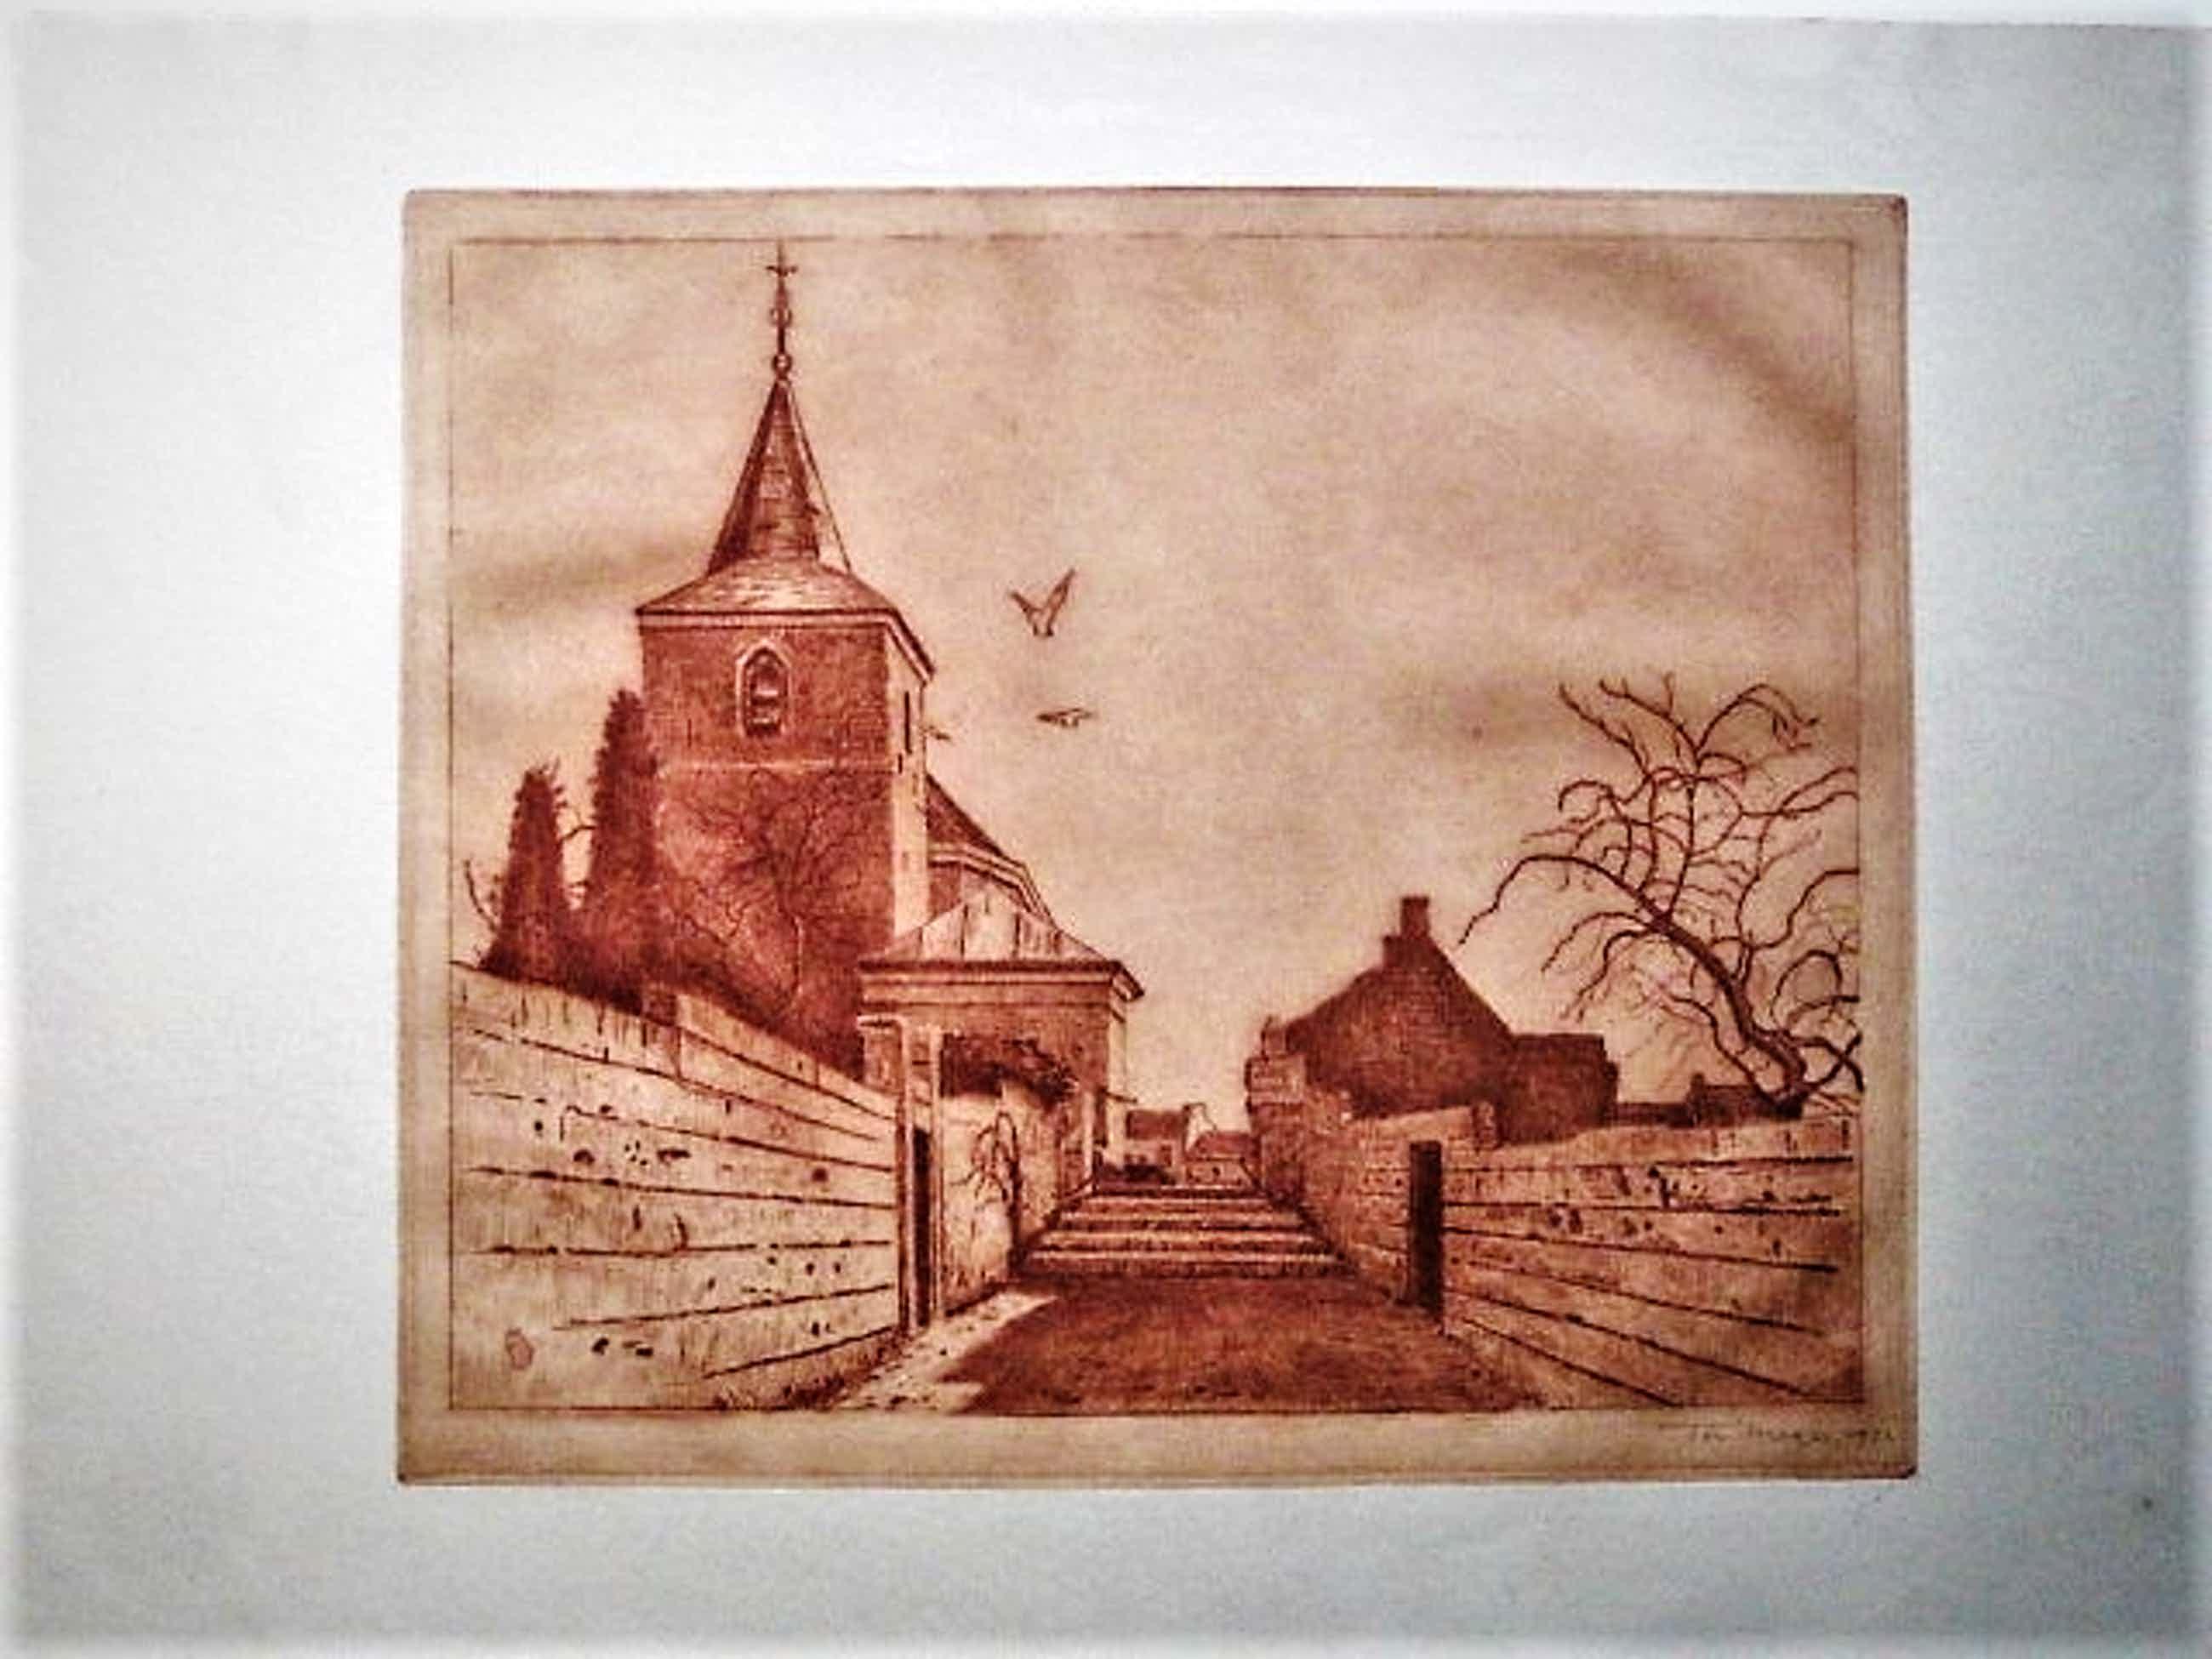 Ton Meyer - 1932- Verstilde zachtrode Lithografie - het dorp Kanne Zuid-Limburg - gesigneerd kopen? Bied vanaf 30!